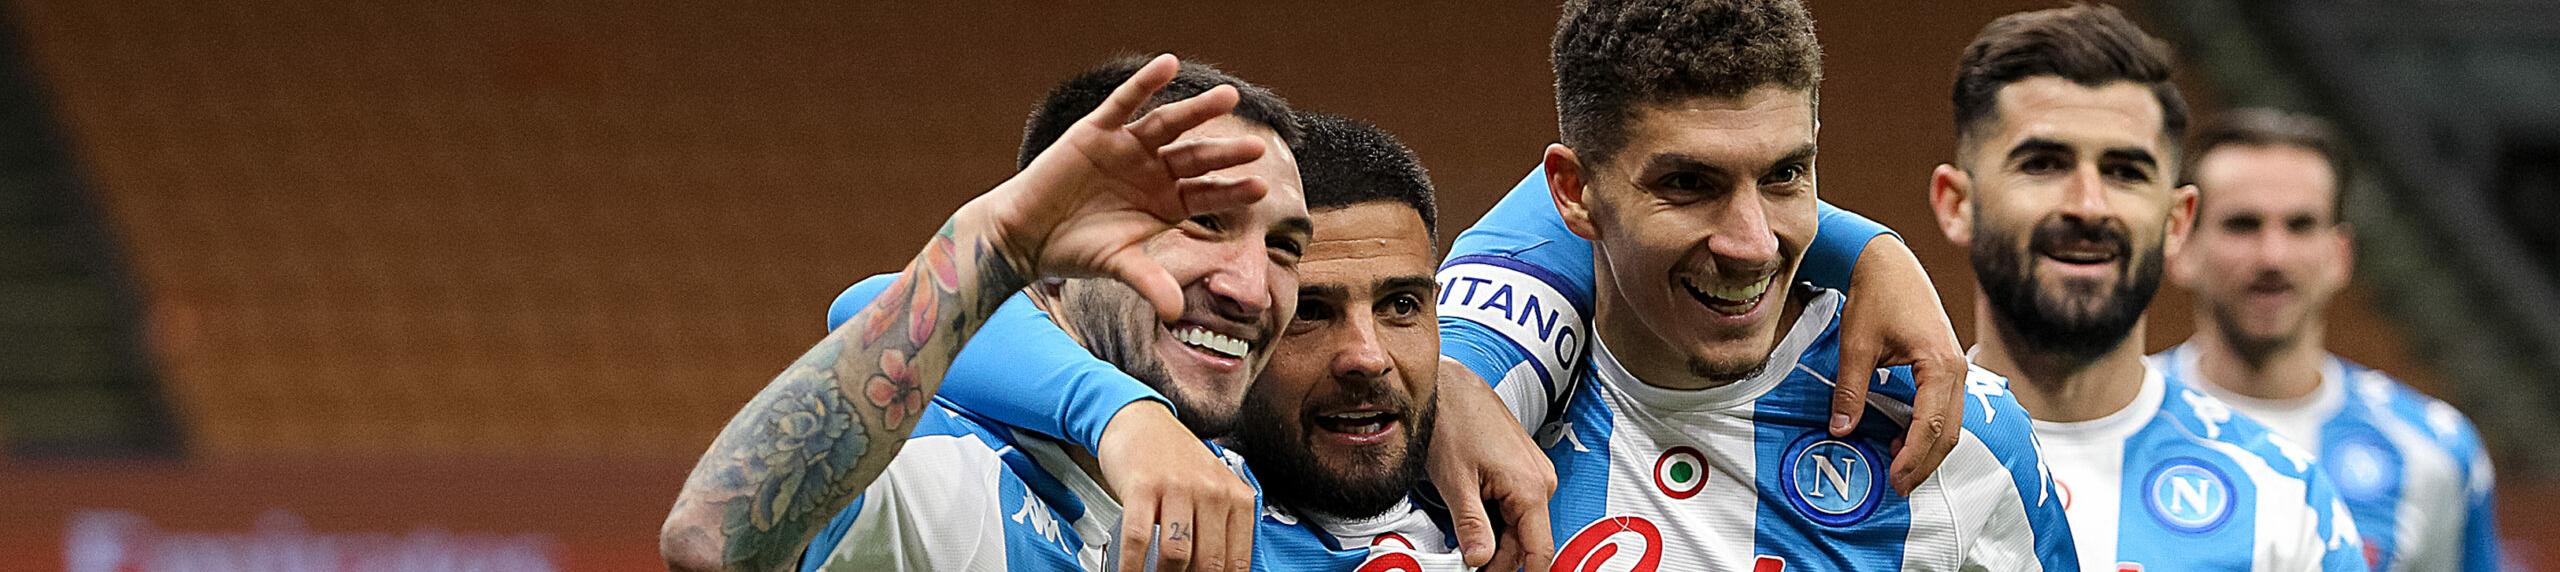 Napoli-Crotone, gli azzurri devono essere spietati per prendersi la Champions